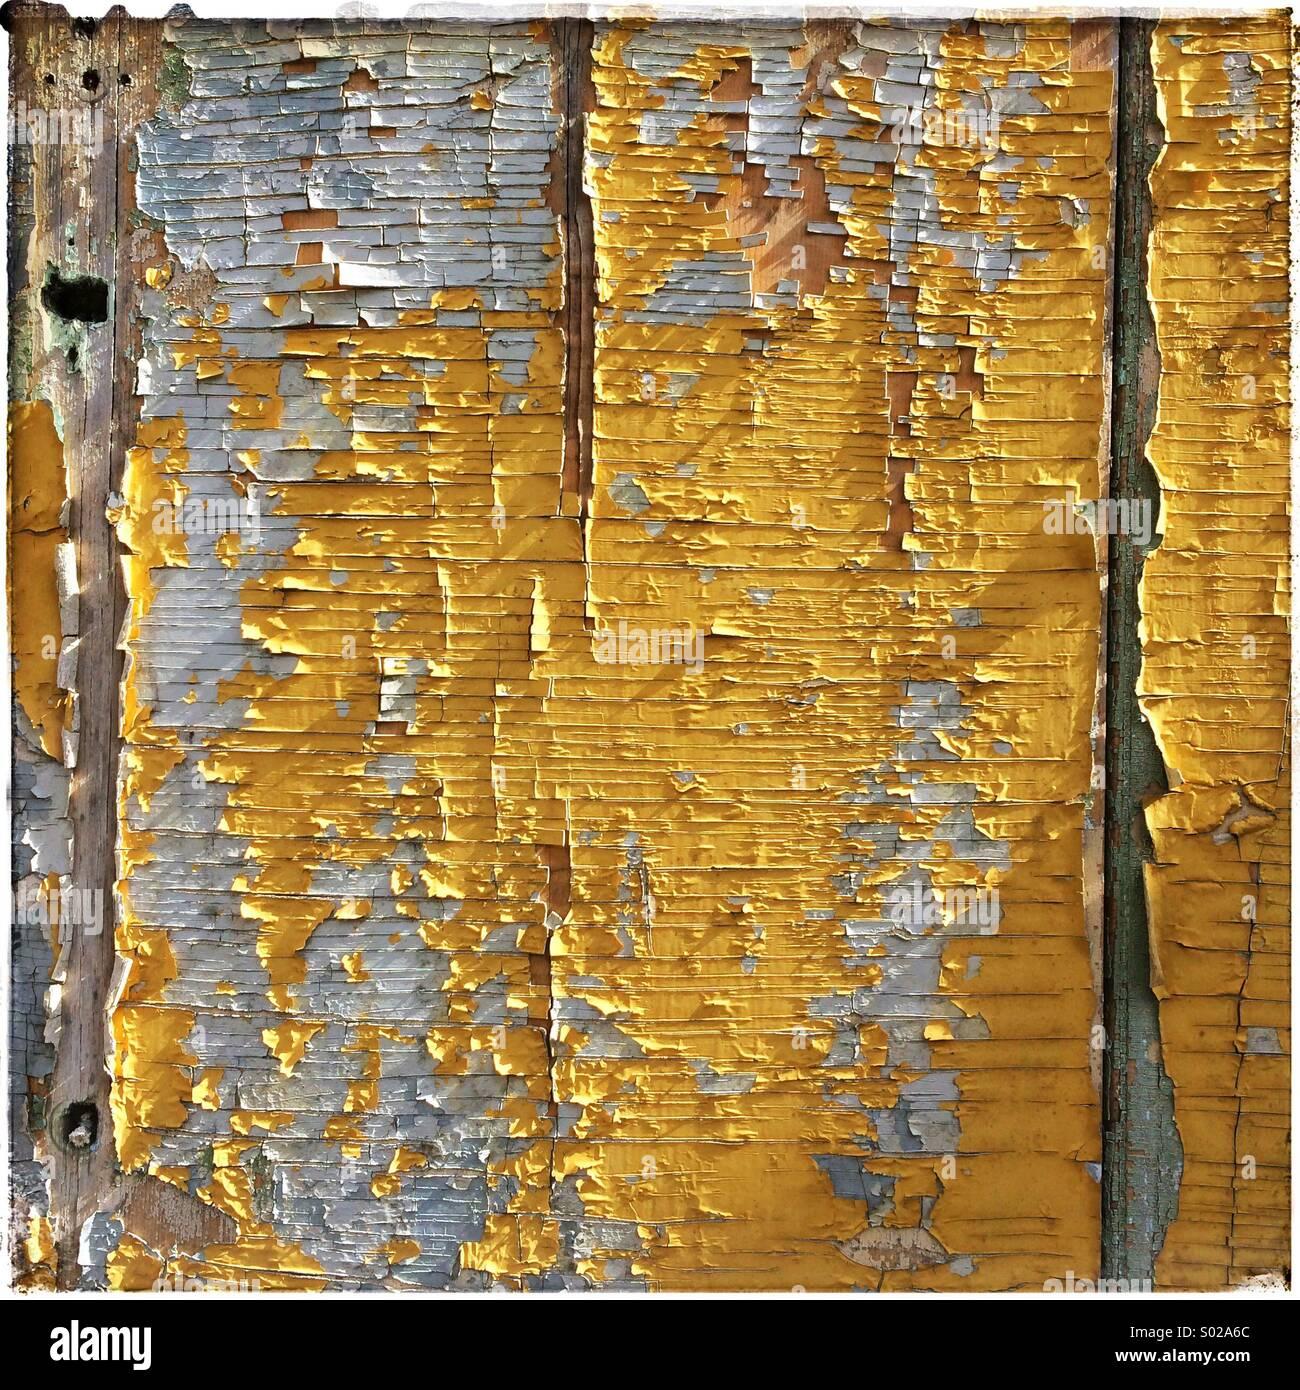 Panel de madera con pintura desconchada en el fondo Imagen De Stock